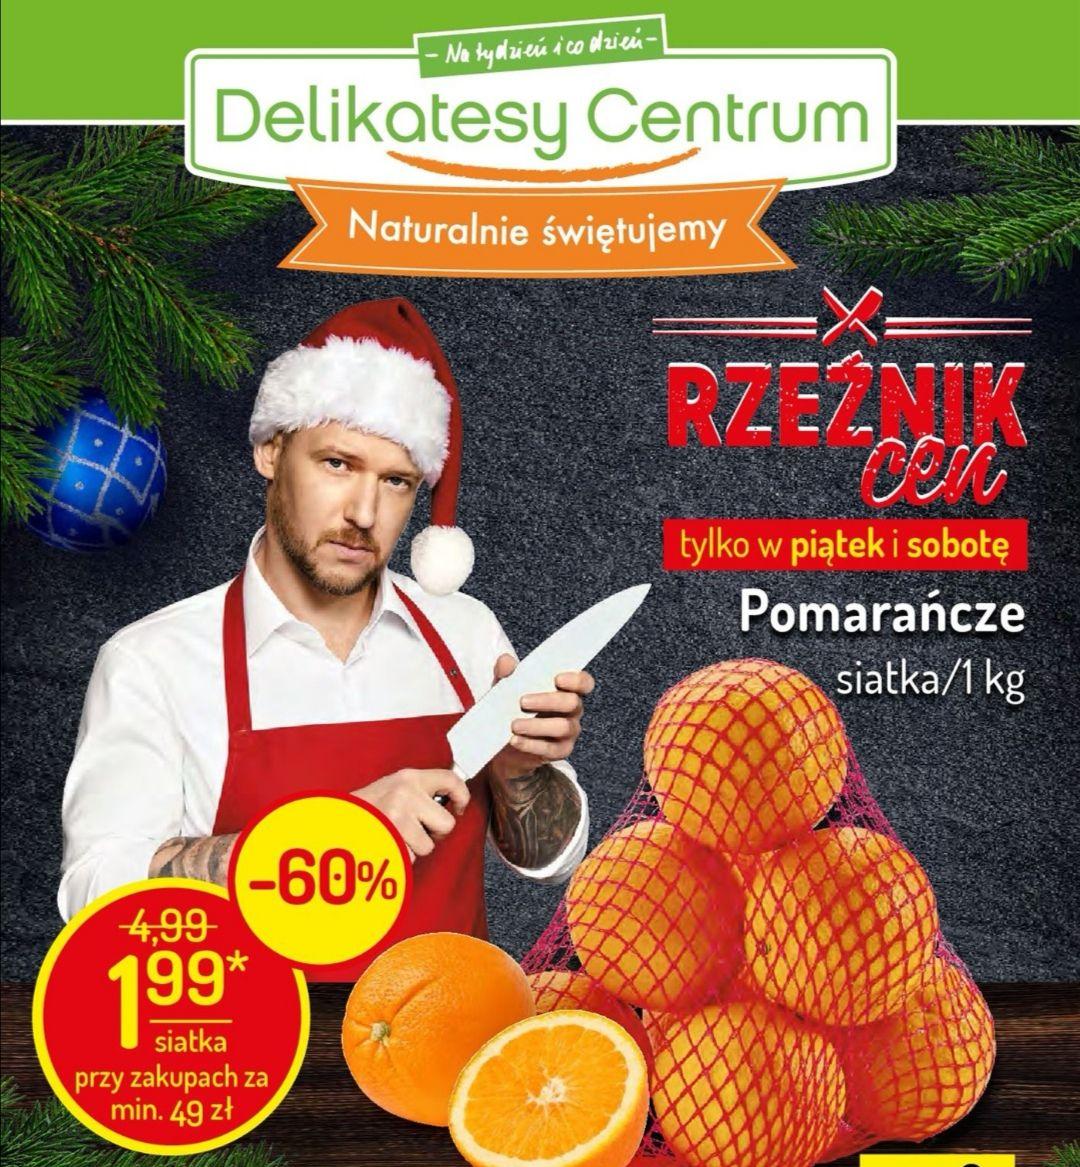 Pomarańcze siatka 1kg za 1.99 przy zakupach za min 49pln Delikatesy centrum